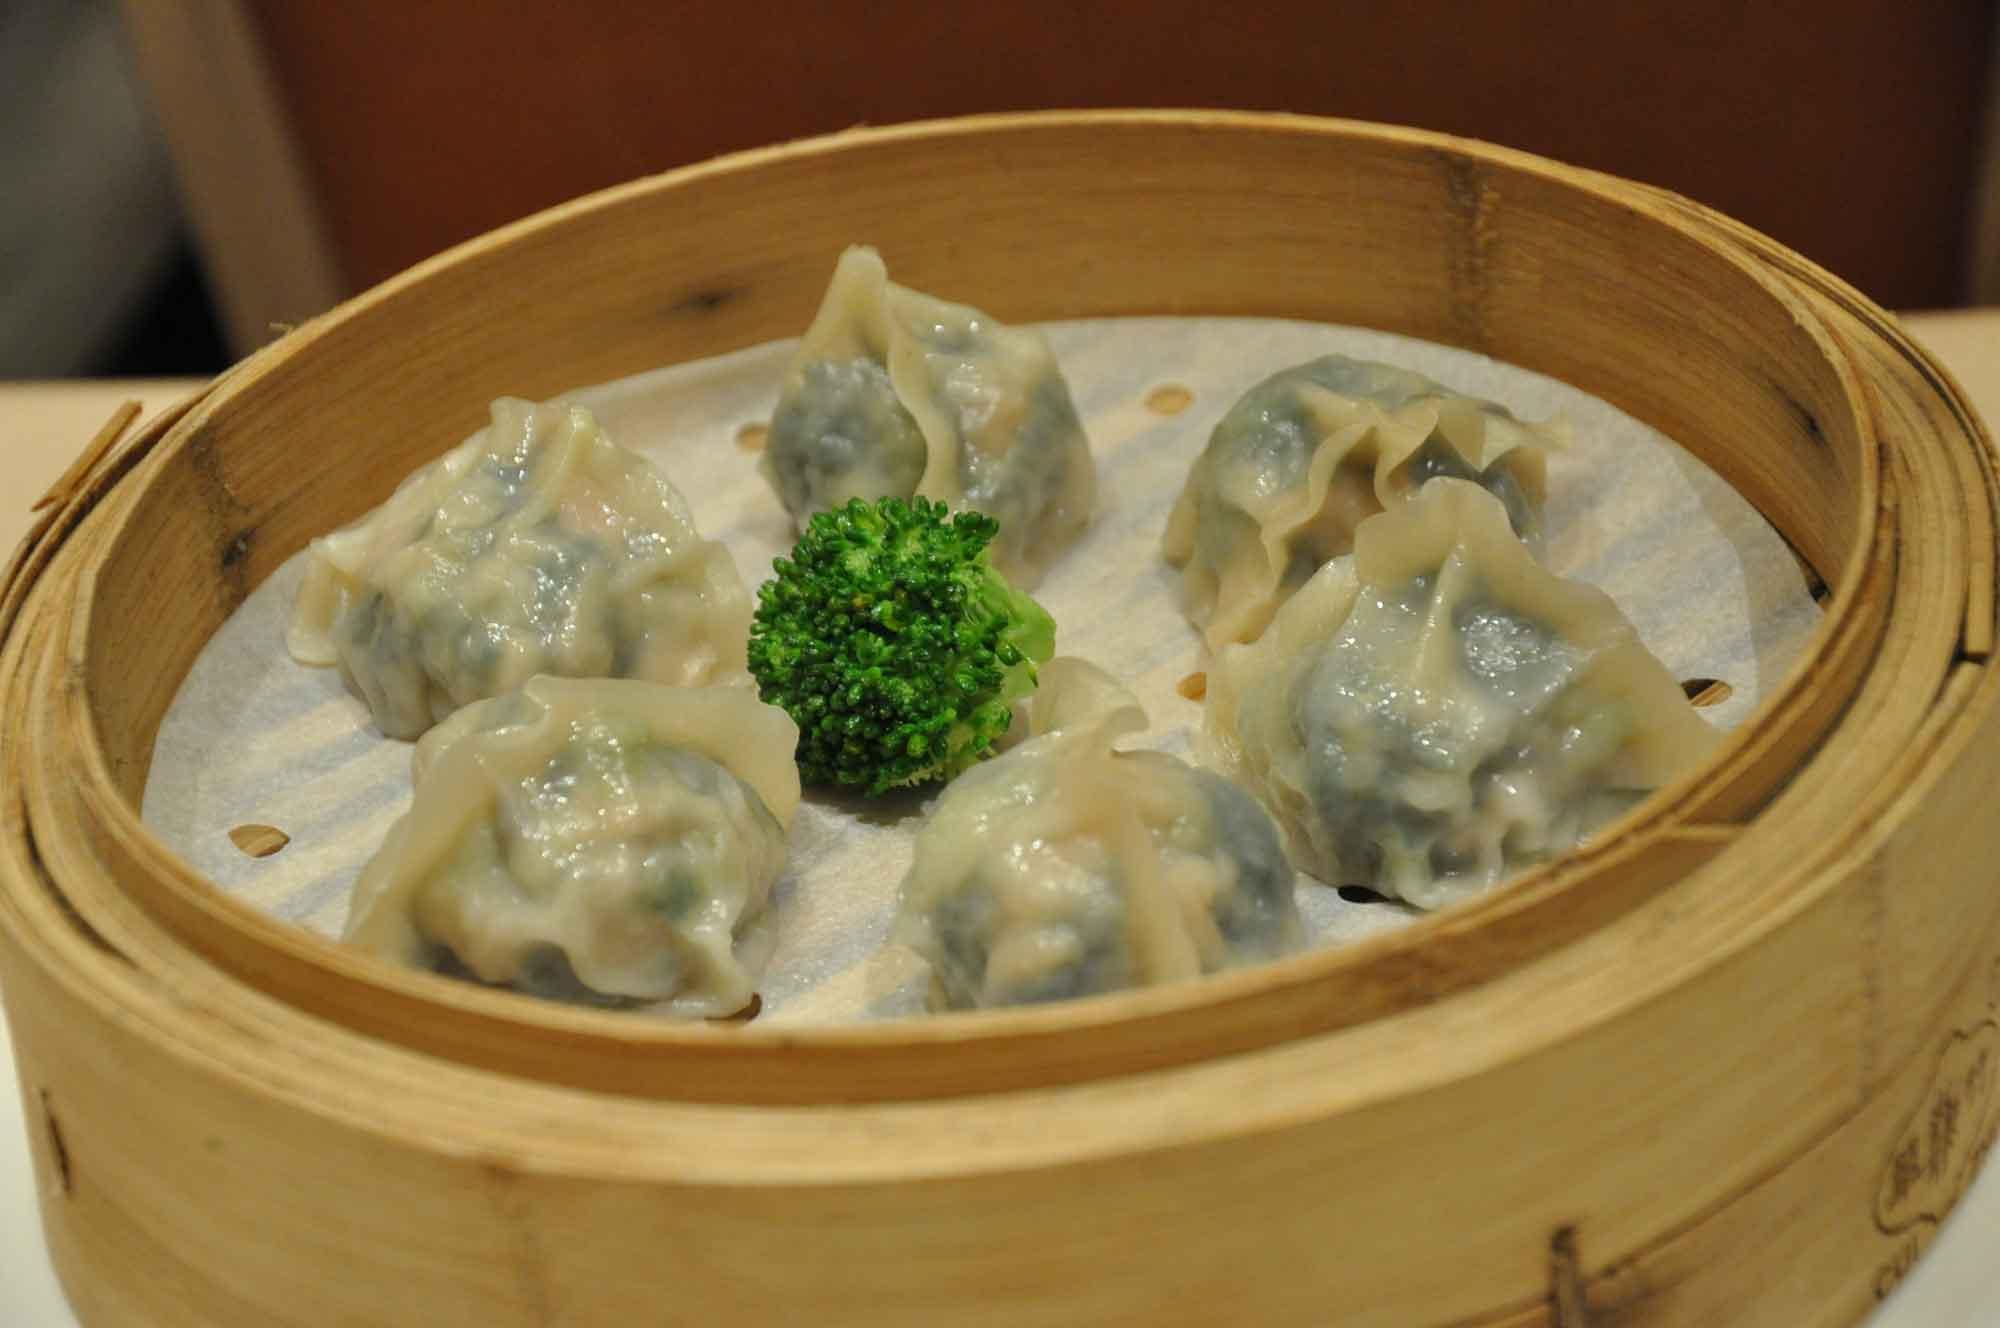 Tou Tou Koi Macau dumplings